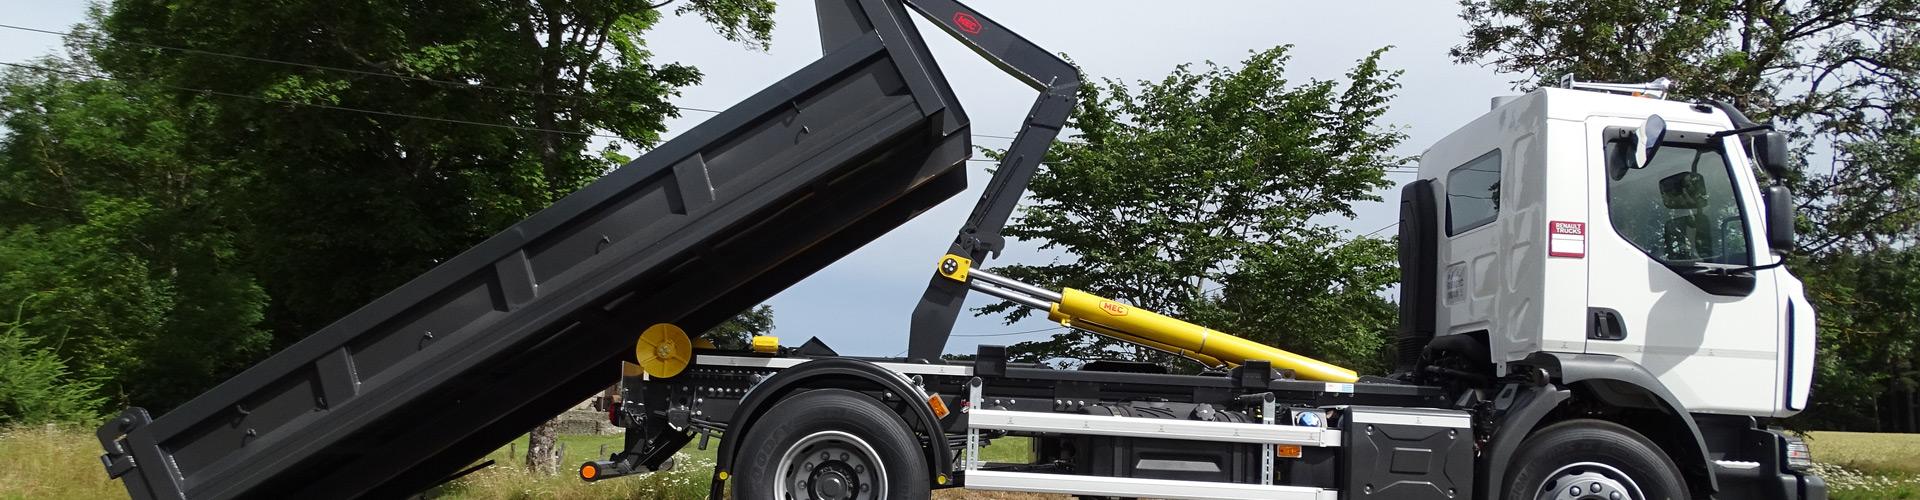 avec 16 mousquetons en aluminium en forme de D adapt/é pour la remorque de camion ATV UTV s/étendant jusqu/à 10 x 14 NiceDD 5 x 7 Filet /à /élingue pour camion lourd